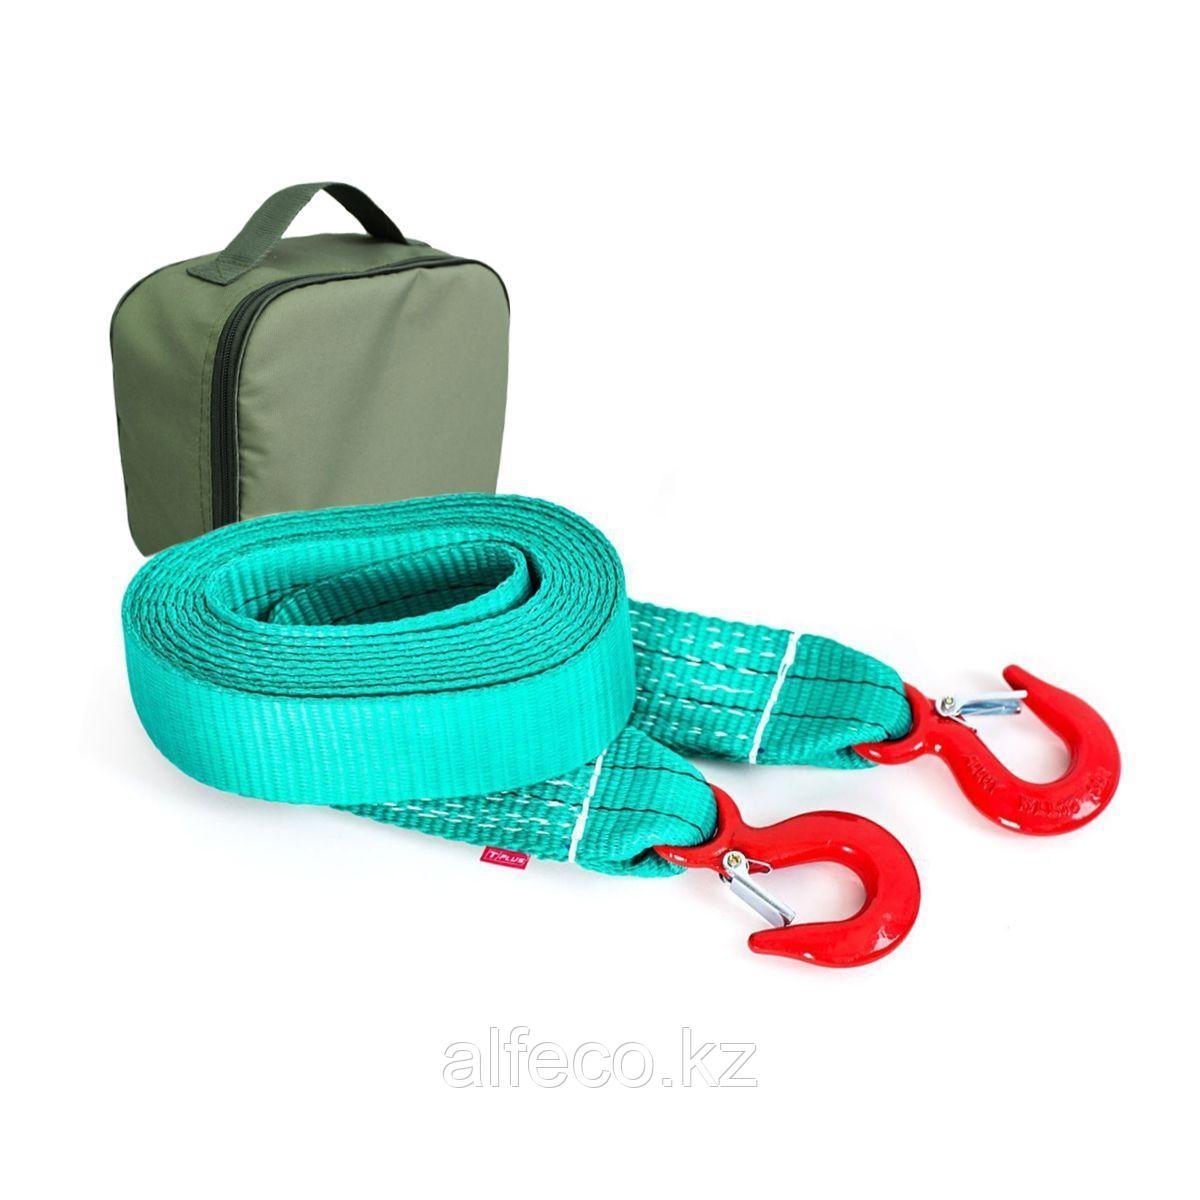 Буксировочный ремень Tplus 6/9 т 6 м (авто до 3 т) Крюк/Крюк + сумка